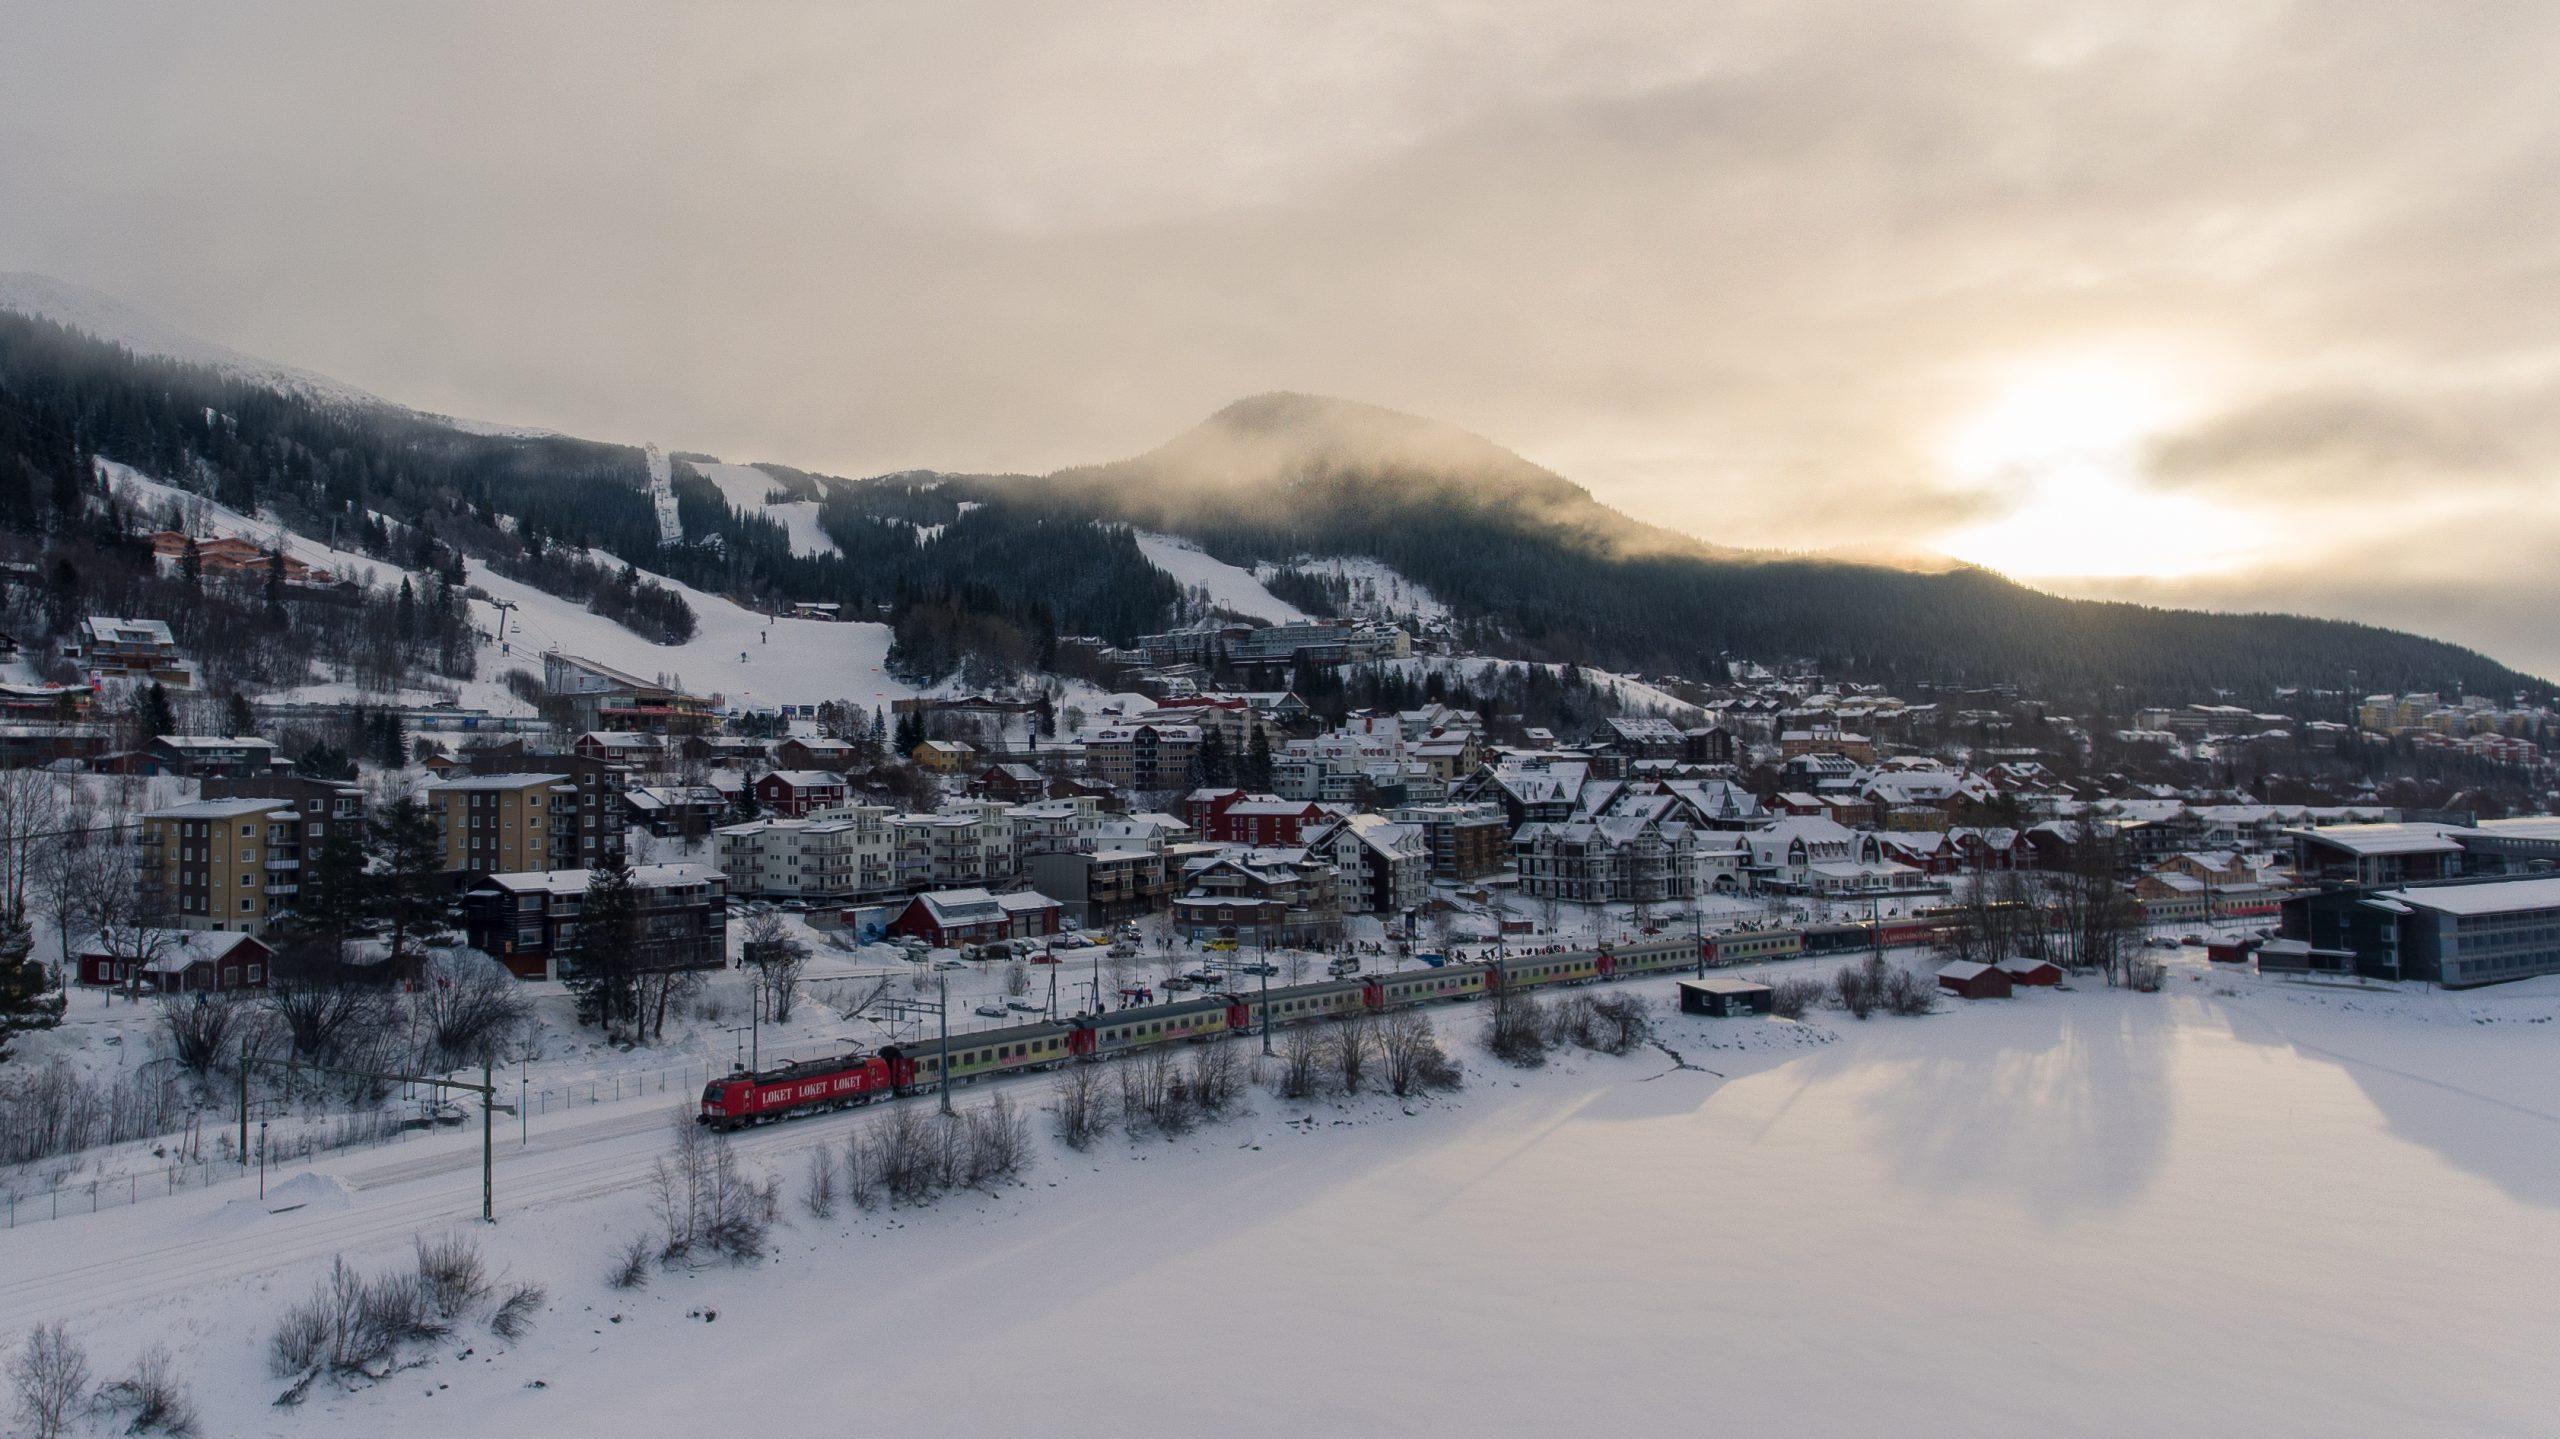 Skinetworks, der består af en række skirejsebureauer, tilbyder til vinter 11 rejsemål i Østrig, som gæsterne kan køre til med toget. Pressefoto: Skinetworks.